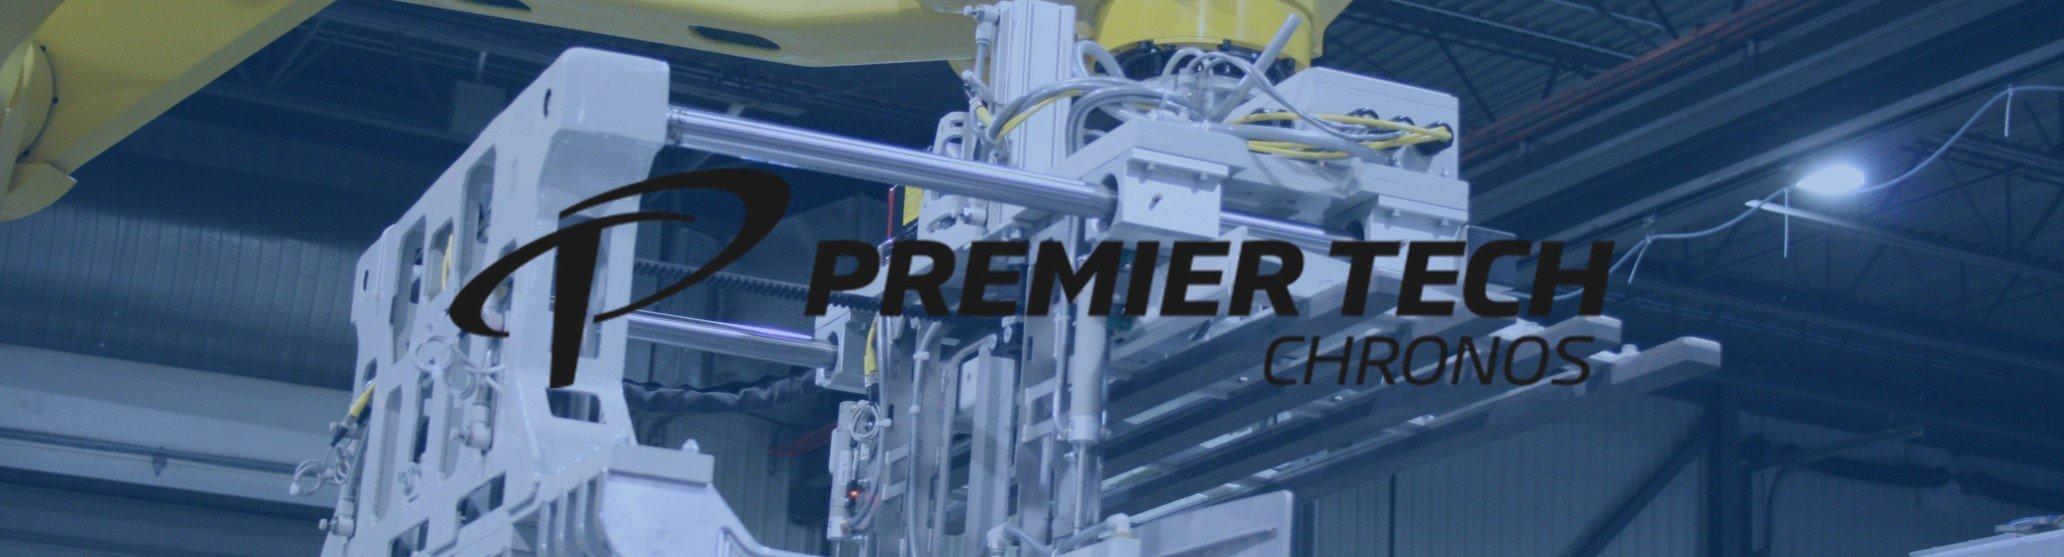 rpz-620_robotic_palletizer_premiertech-1-uai-2064x557